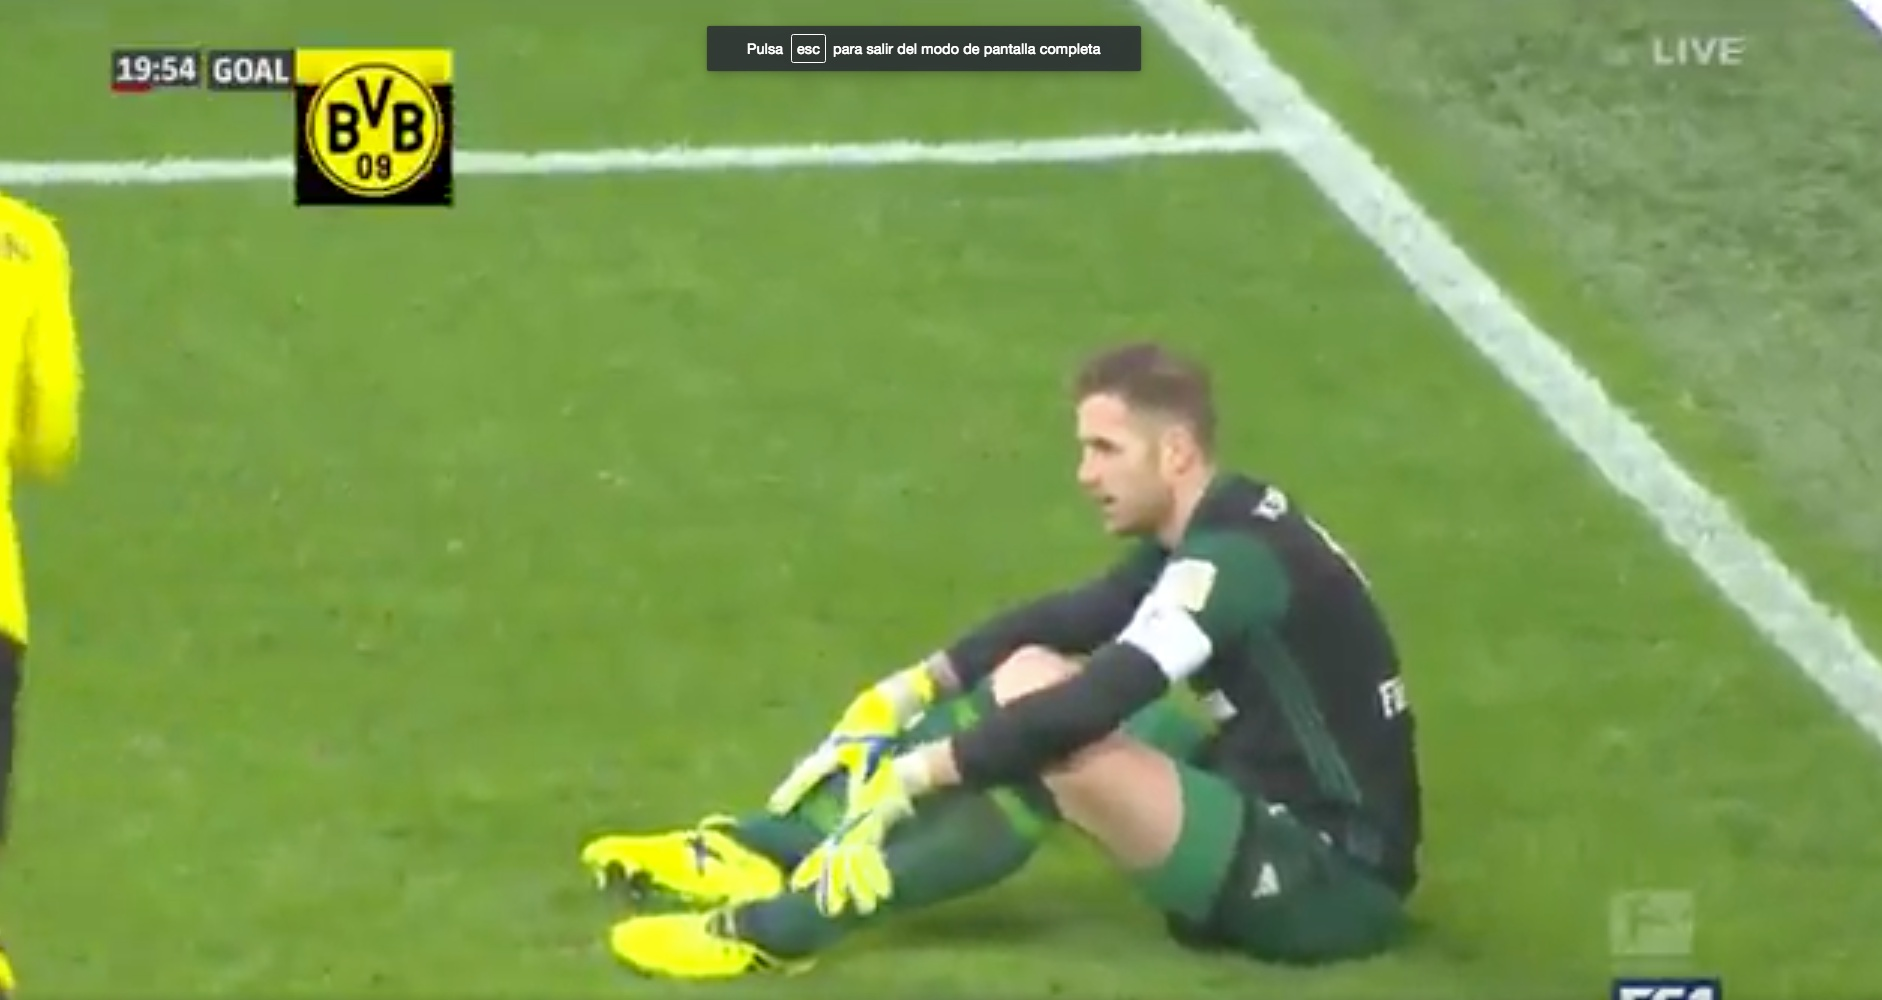 Épica remontada del Schalke 04 ante el Borussia Dortmund